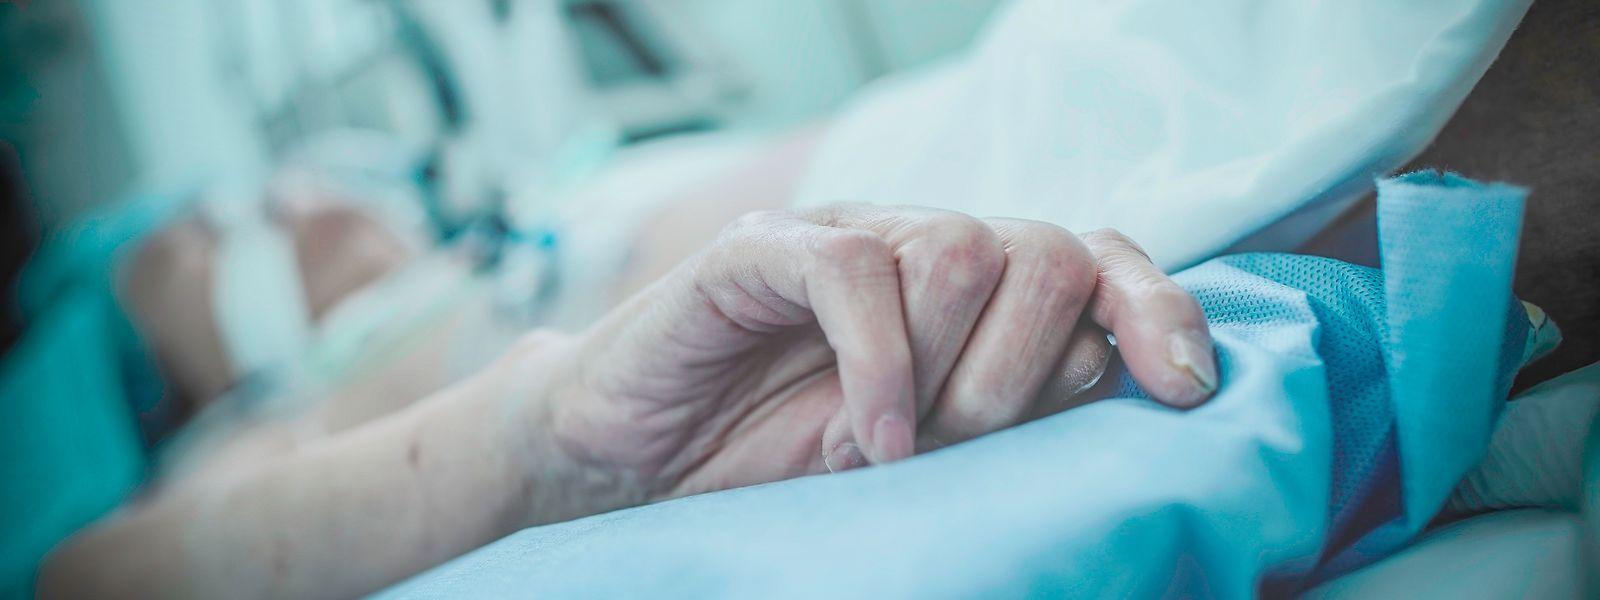 Die Sterbehilfe trifft bei der Bevölkerung auf breite Akzeptanz.